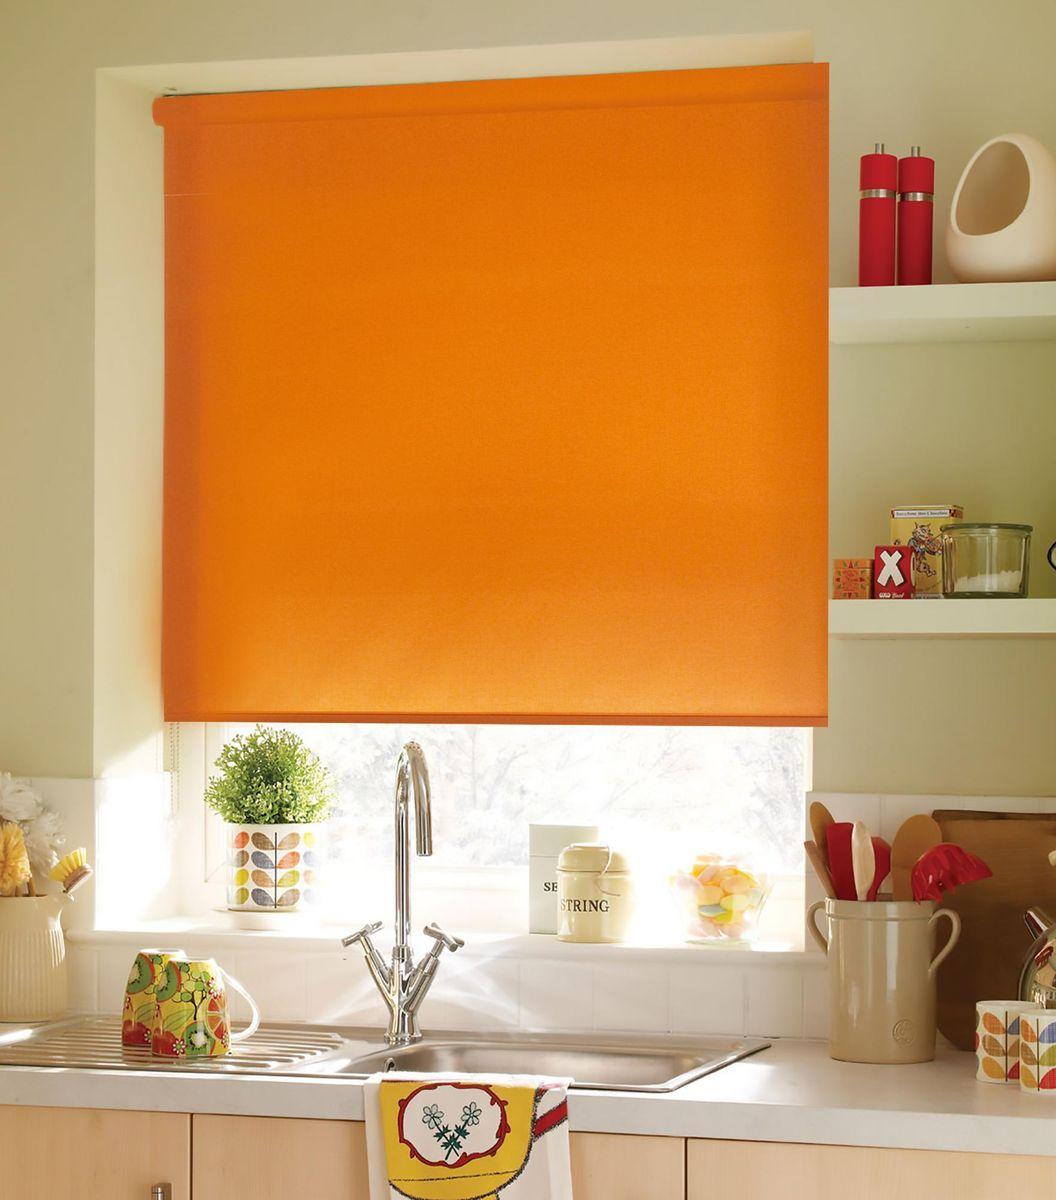 Штора рулонная Эскар, цвет: апельсиновый, ширина 120 см, высота 170 см1004900000360Рулонными шторами можно оформлять окна как самостоятельно, так и использовать в комбинации с портьерами. Это поможет предотвратить выгорание дорогой ткани на солнце и соединит функционал рулонных с красотой навесных.Преимущества применения рулонных штор для пластиковых окон:- имеют прекрасный внешний вид: многообразие и фактурность материала изделия отлично смотрятся в любом интерьере; - многофункциональны: есть возможность подобрать шторы способные эффективно защитить комнату от солнца, при этом о на не будет слишком темной. - Есть возможность осуществить быстрый монтаж. ВНИМАНИЕ! Размеры ширины изделия указаны по ширине ткани!Во время эксплуатации не рекомендуется полностью разматывать рулон, чтобы не оторвать ткань от намоточного вала.В случае загрязнения поверхности ткани, чистку шторы проводят одним из способов, в зависимости от типа загрязнения: легкое поверхностное загрязнение можно удалить при помощи канцелярского ластика; чистка от пыли производится сухим методом при помощи пылесоса с мягкой щеткой-насадкой; для удаления пятна используйте мягкую губку с пенообразующим неагрессивным моющим средством или пятновыводитель на натуральной основе (нельзя применять растворители).